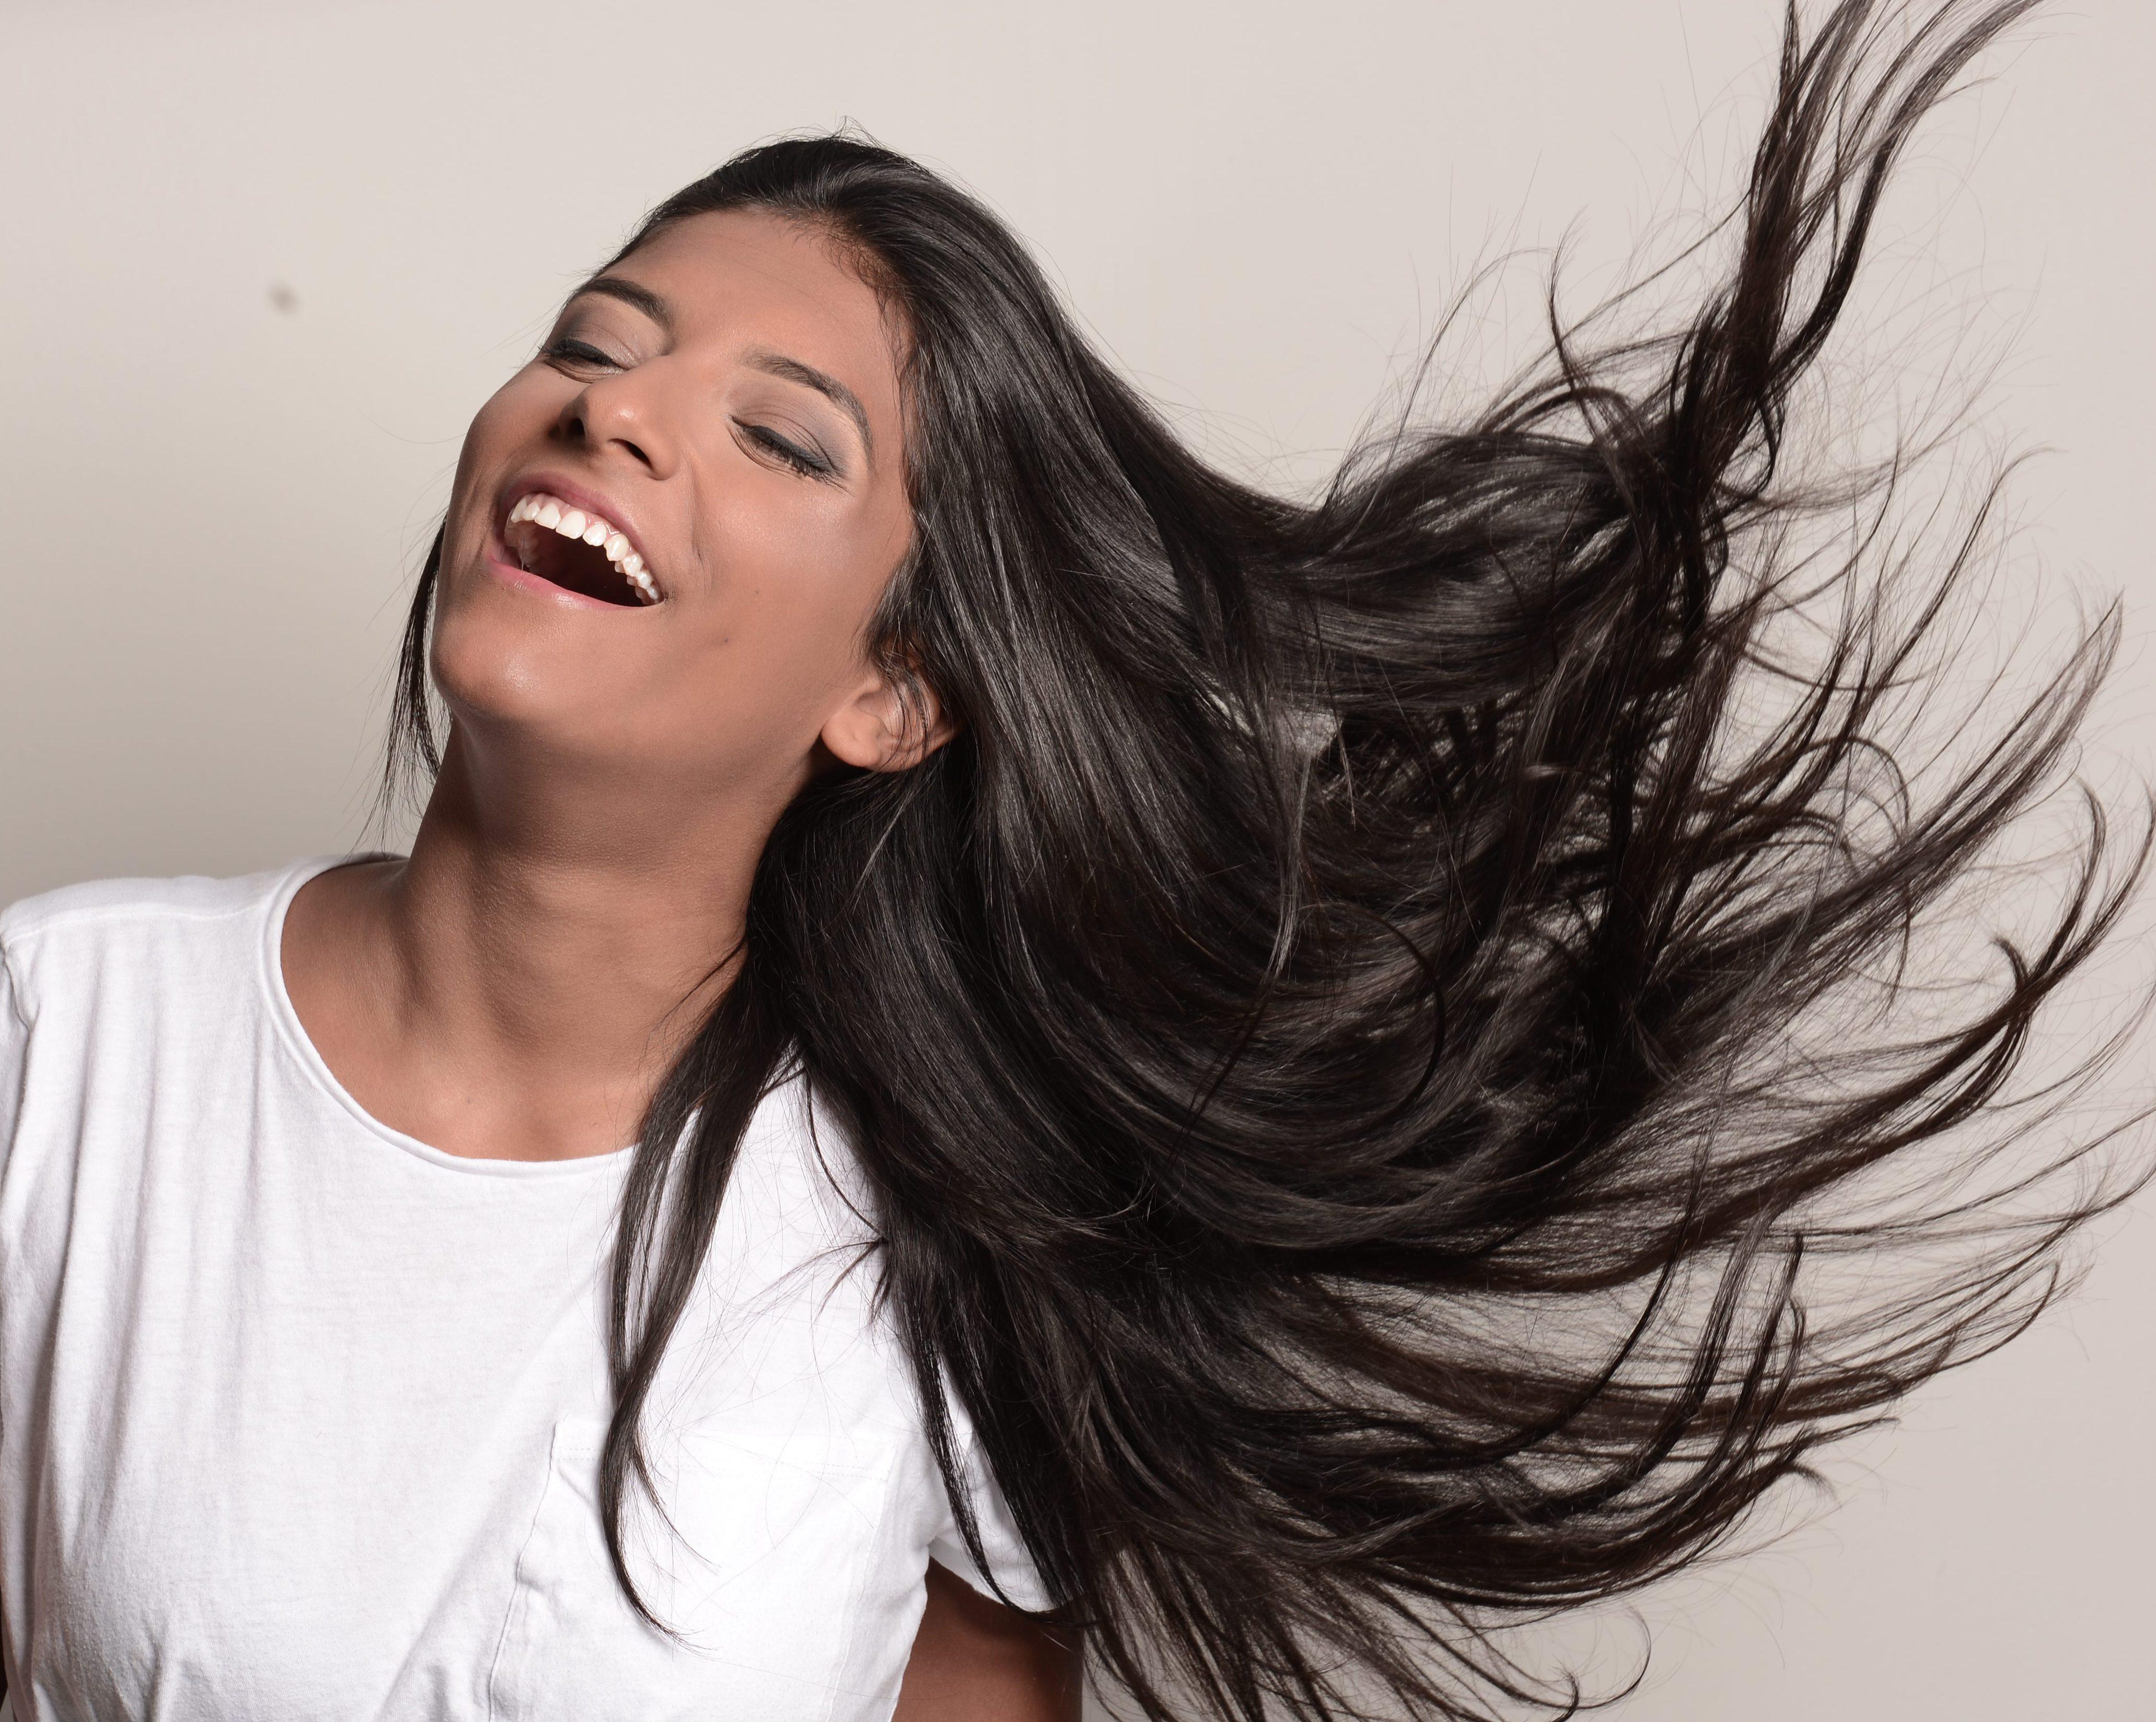 Progressiva sem formol existe? Descubra como alisar o cabelo sem danos